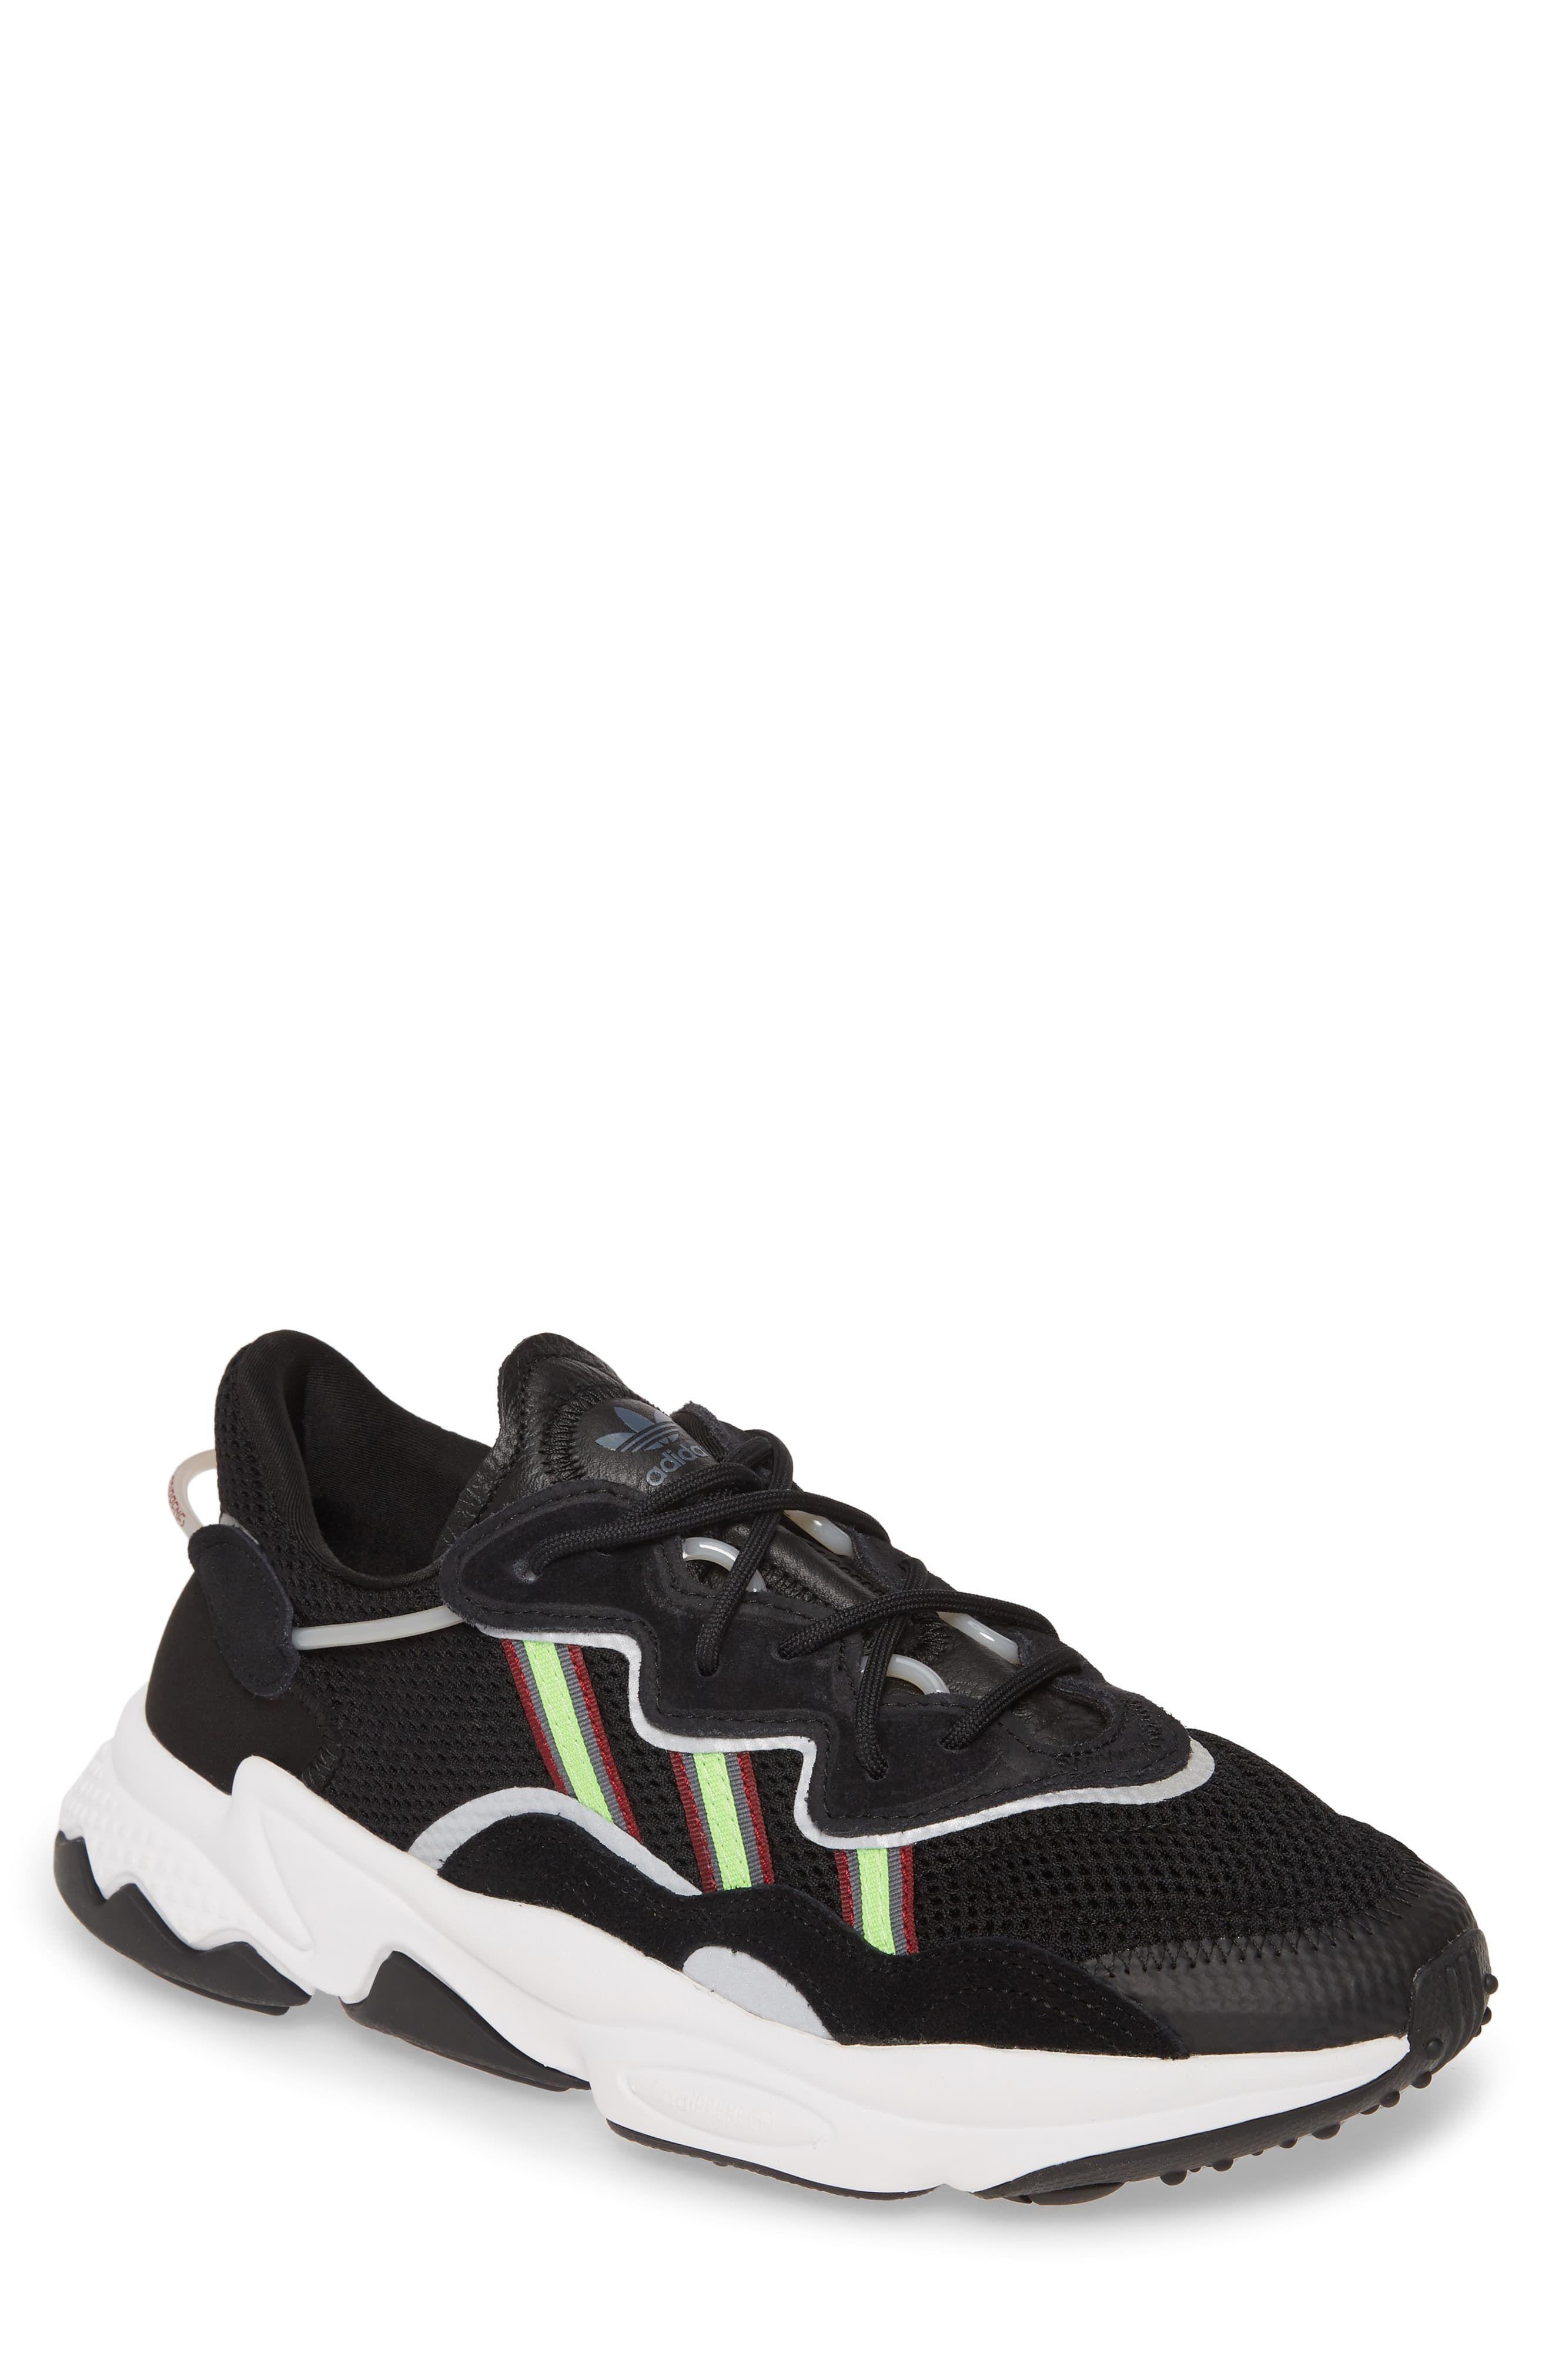 adidas Ozweego Sneaker (Men | Sneakers men, Sneakers, Adidas men